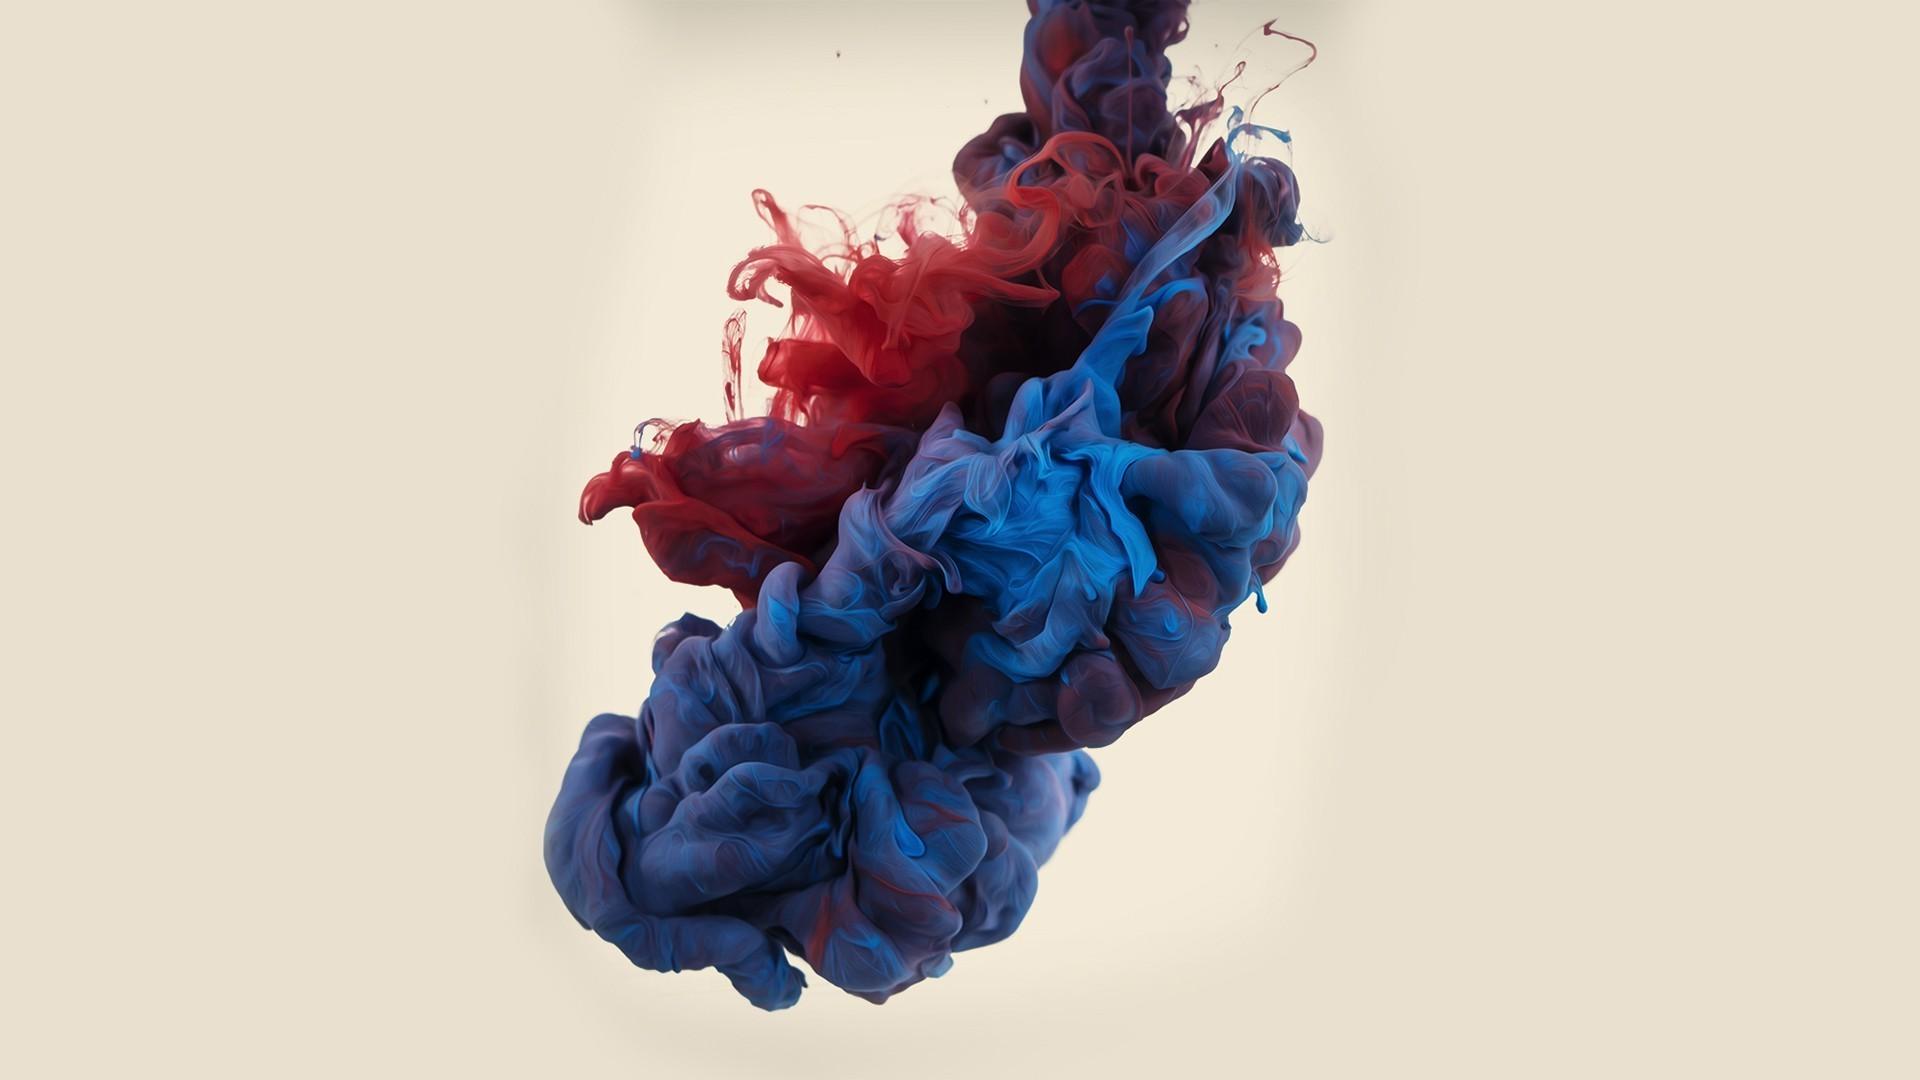 Wallpaper ink in water wallpapersafari - Hd ink wallpaper ...